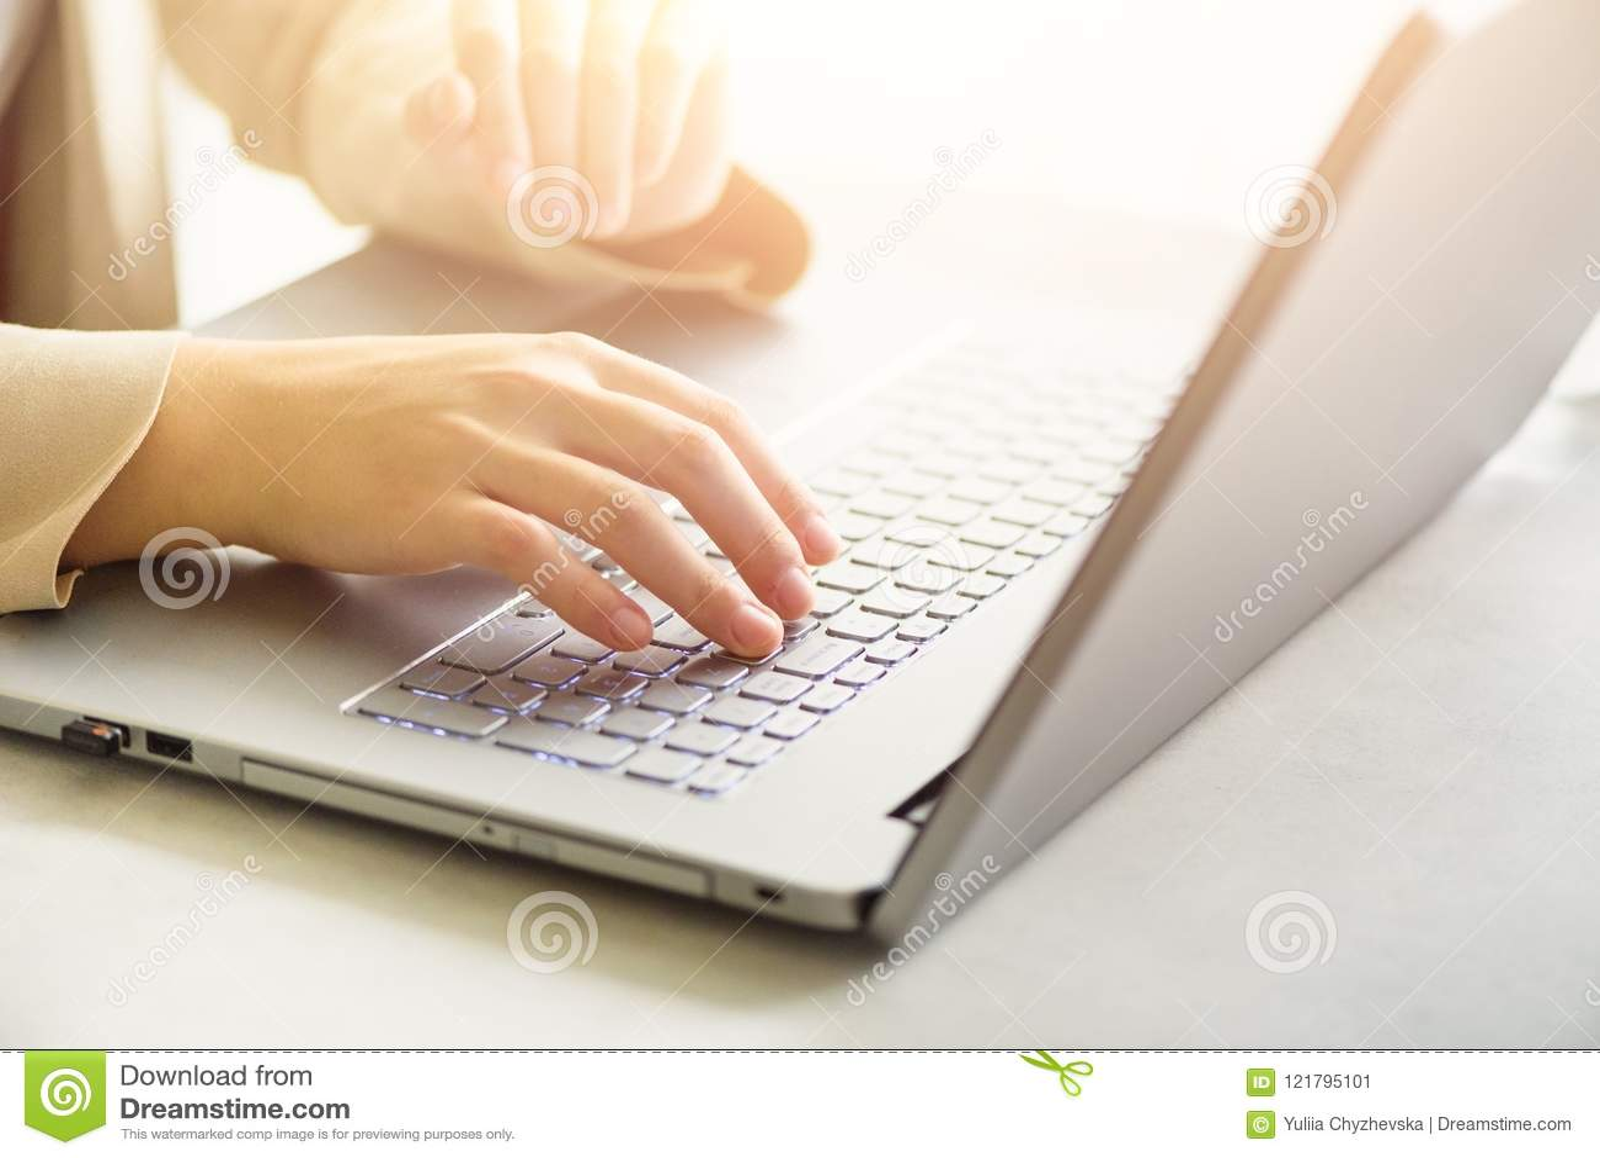 Mujer que elabora en cierre del ordenador La mujer da mecanografiar en el teclado del ordenador portátil, detalle en línea de las